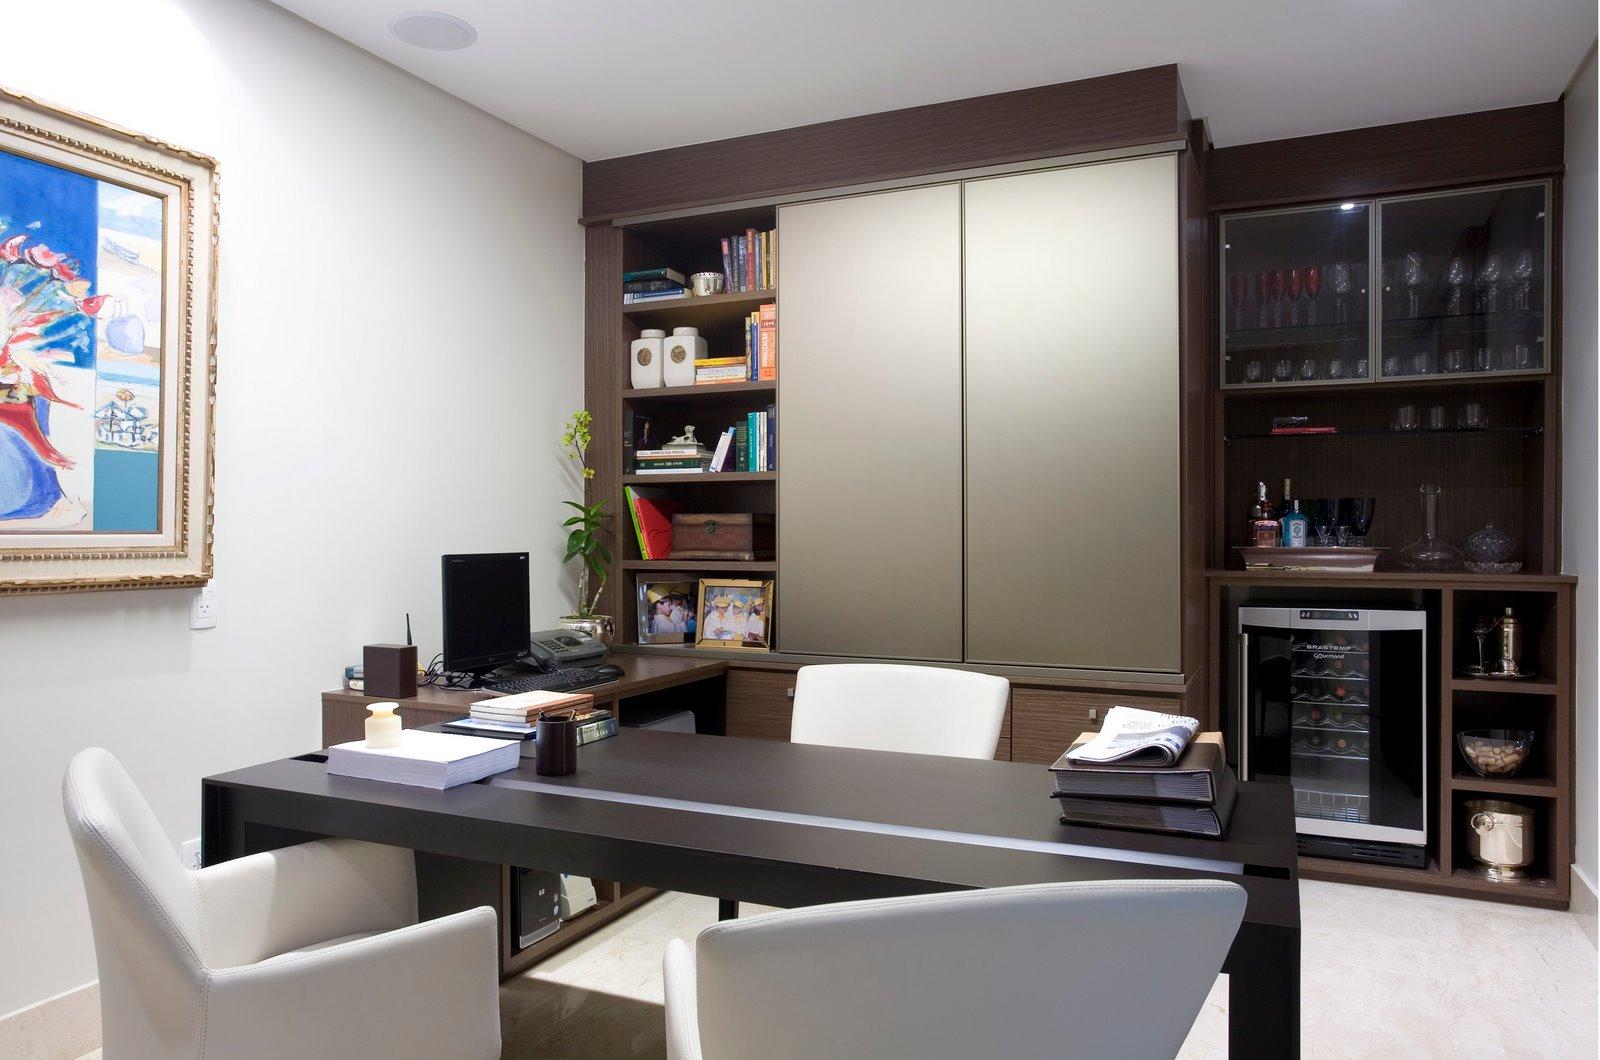 Nesta sala de escritório, as mesas dispostas em L criam uma bancada de trabalho que também serve para atender a clientes, como indicam as cadeiras a frente